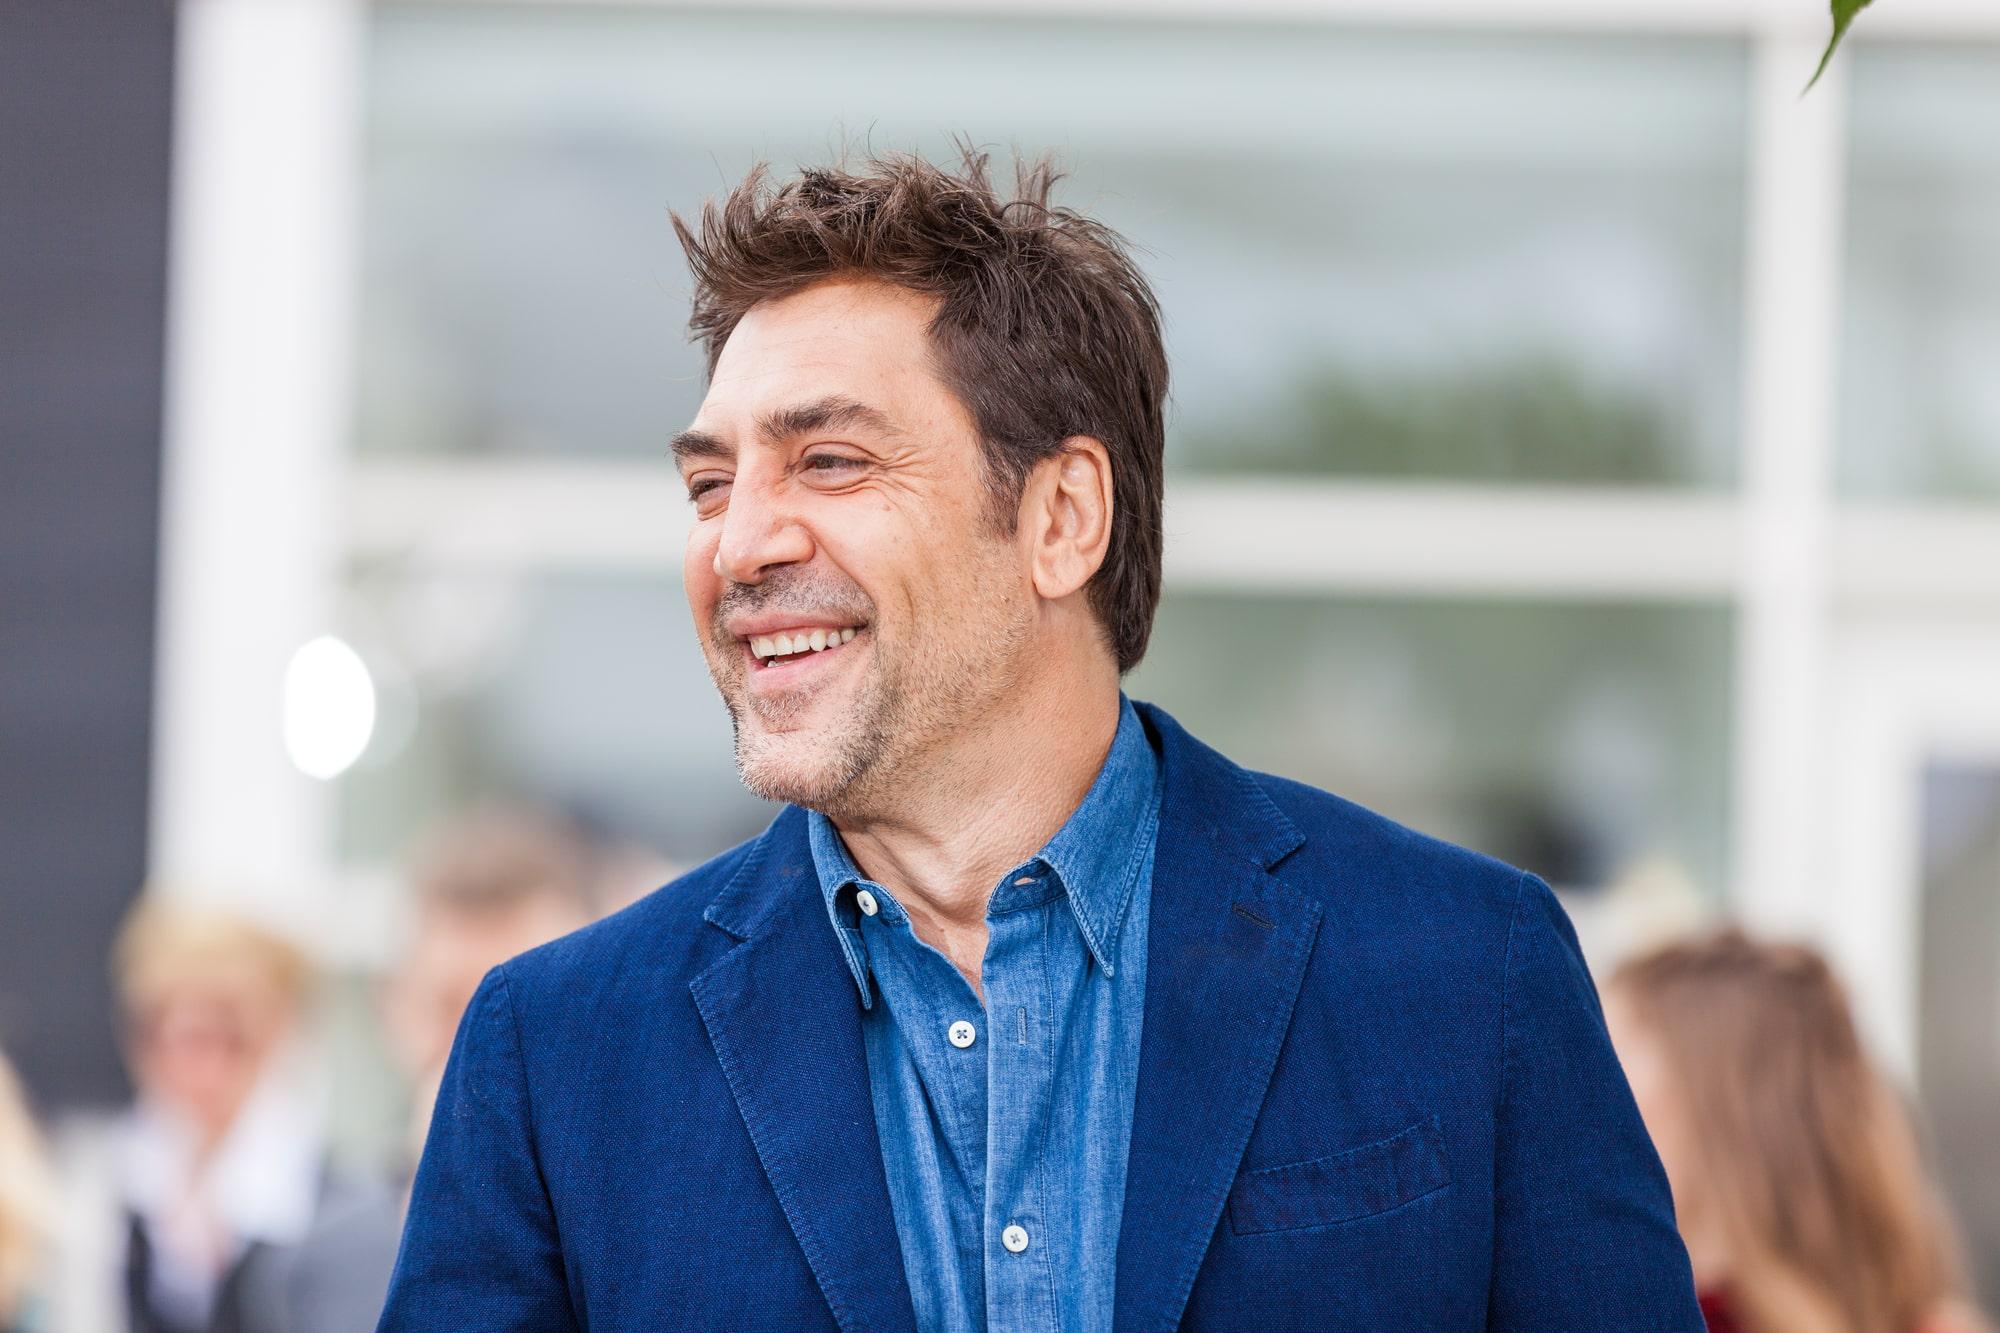 Хавьер Бардем сообщил, что стартовали съемки фильма «Русалочка»